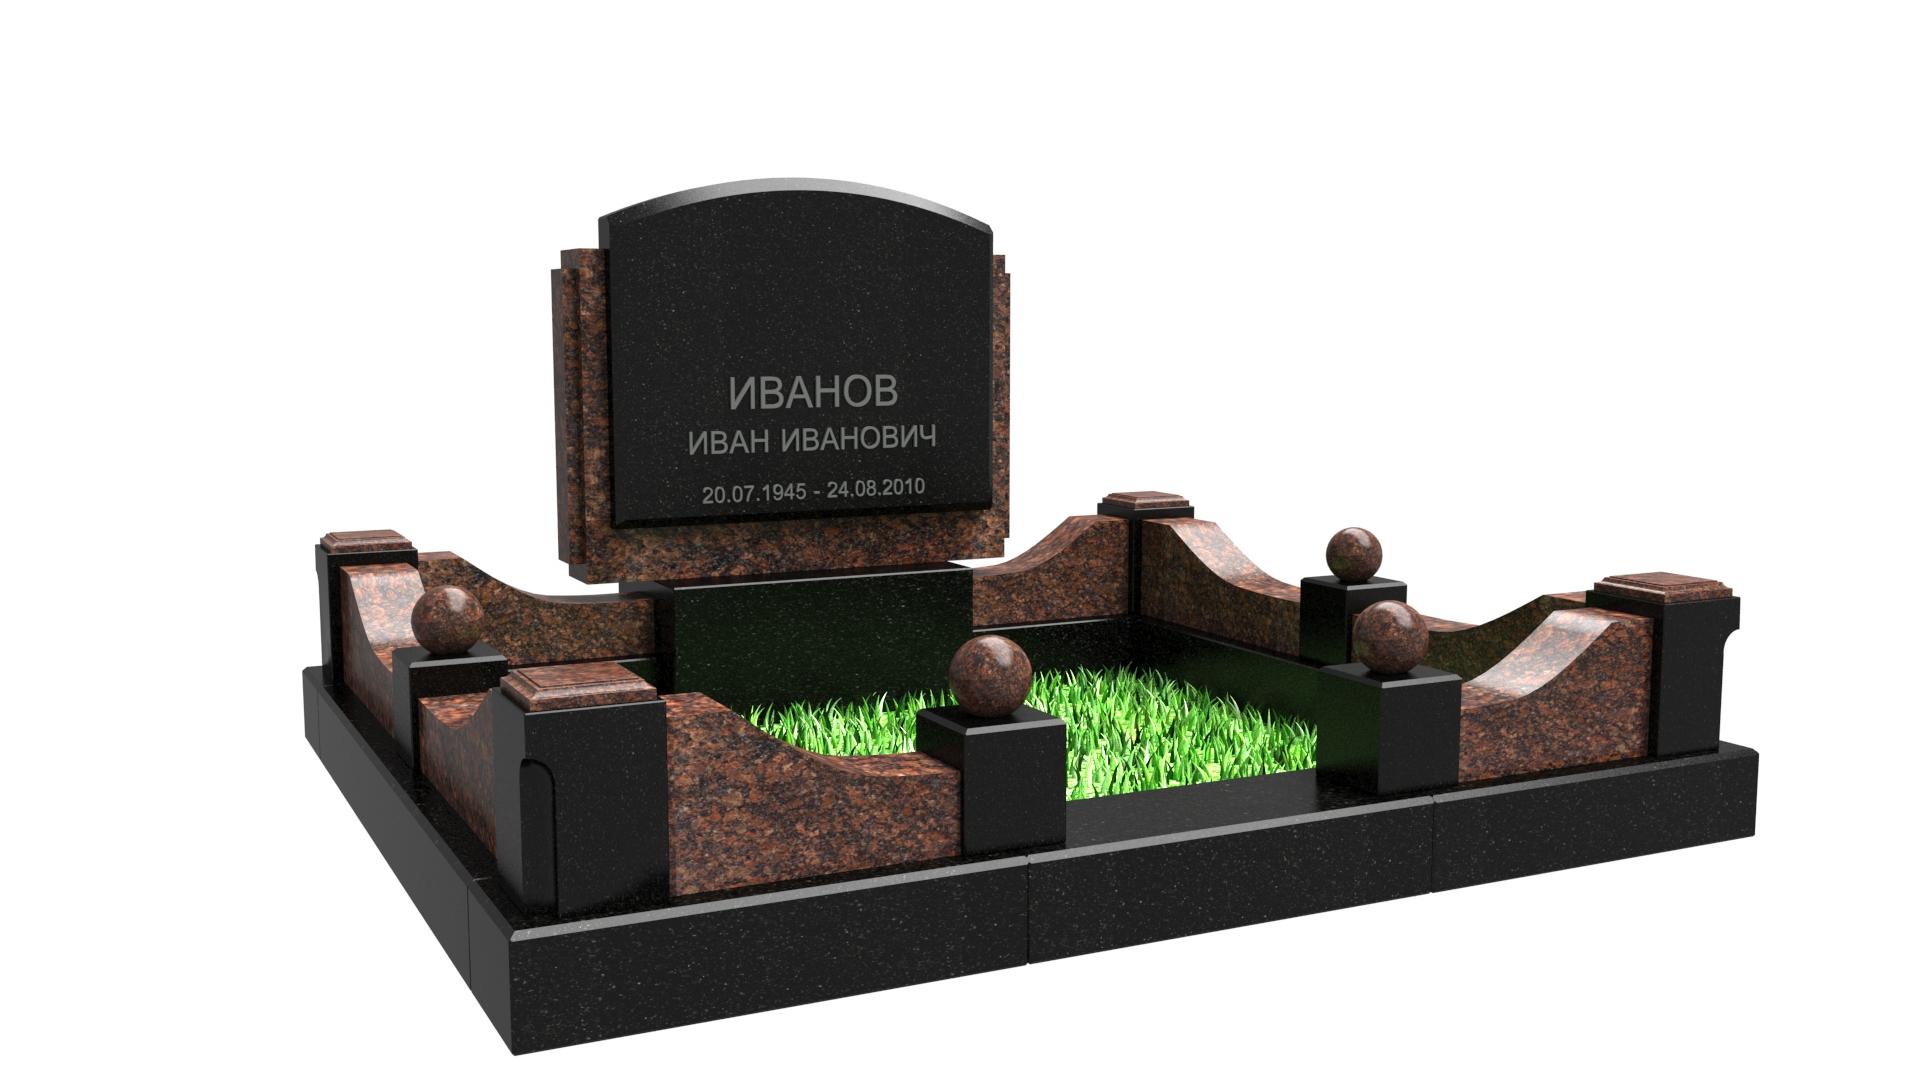 Цены на памятники на кладбище кукмор изготовление памятников мастер йыхви